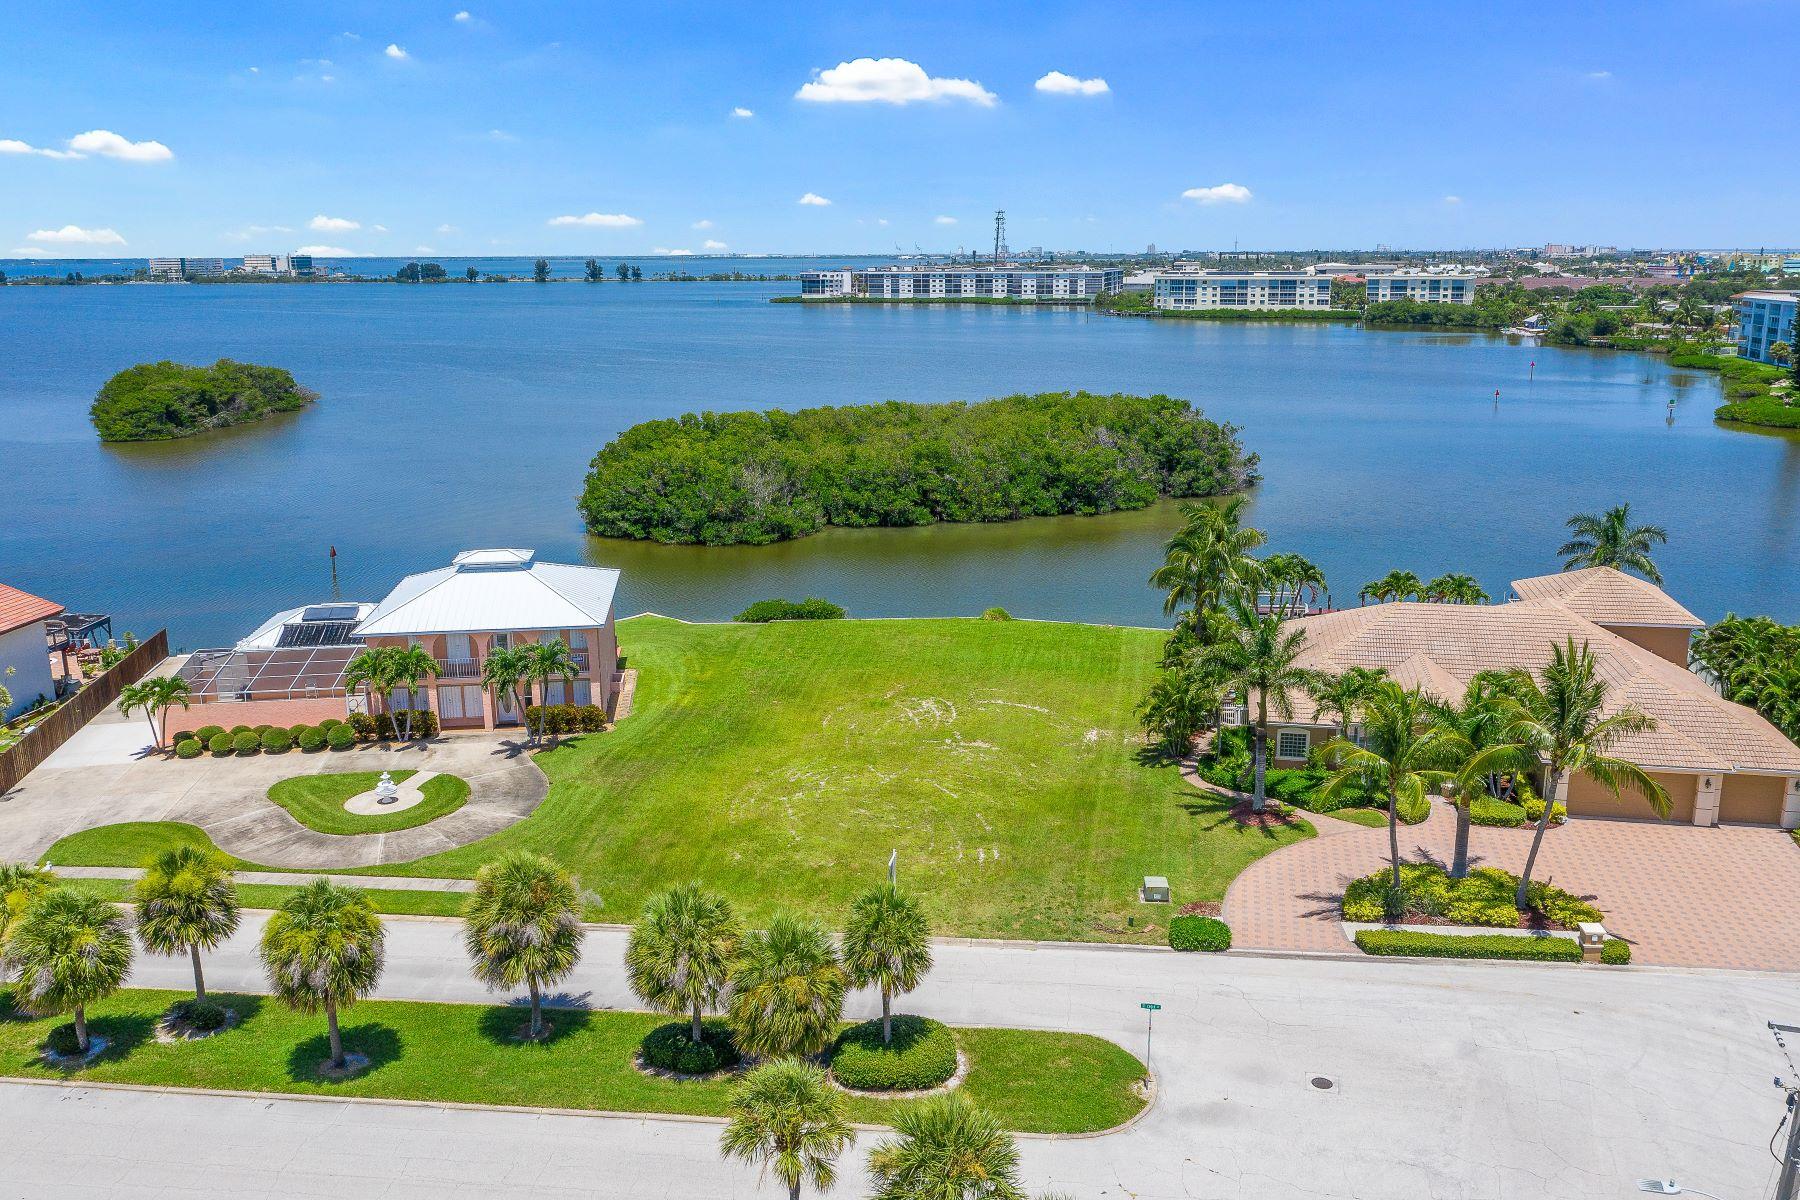 103 St Croix Avenue, Cocoa Beach, FL 103 St Croix Avenue Cocoa Beach, Florida 32931 Förenta staterna